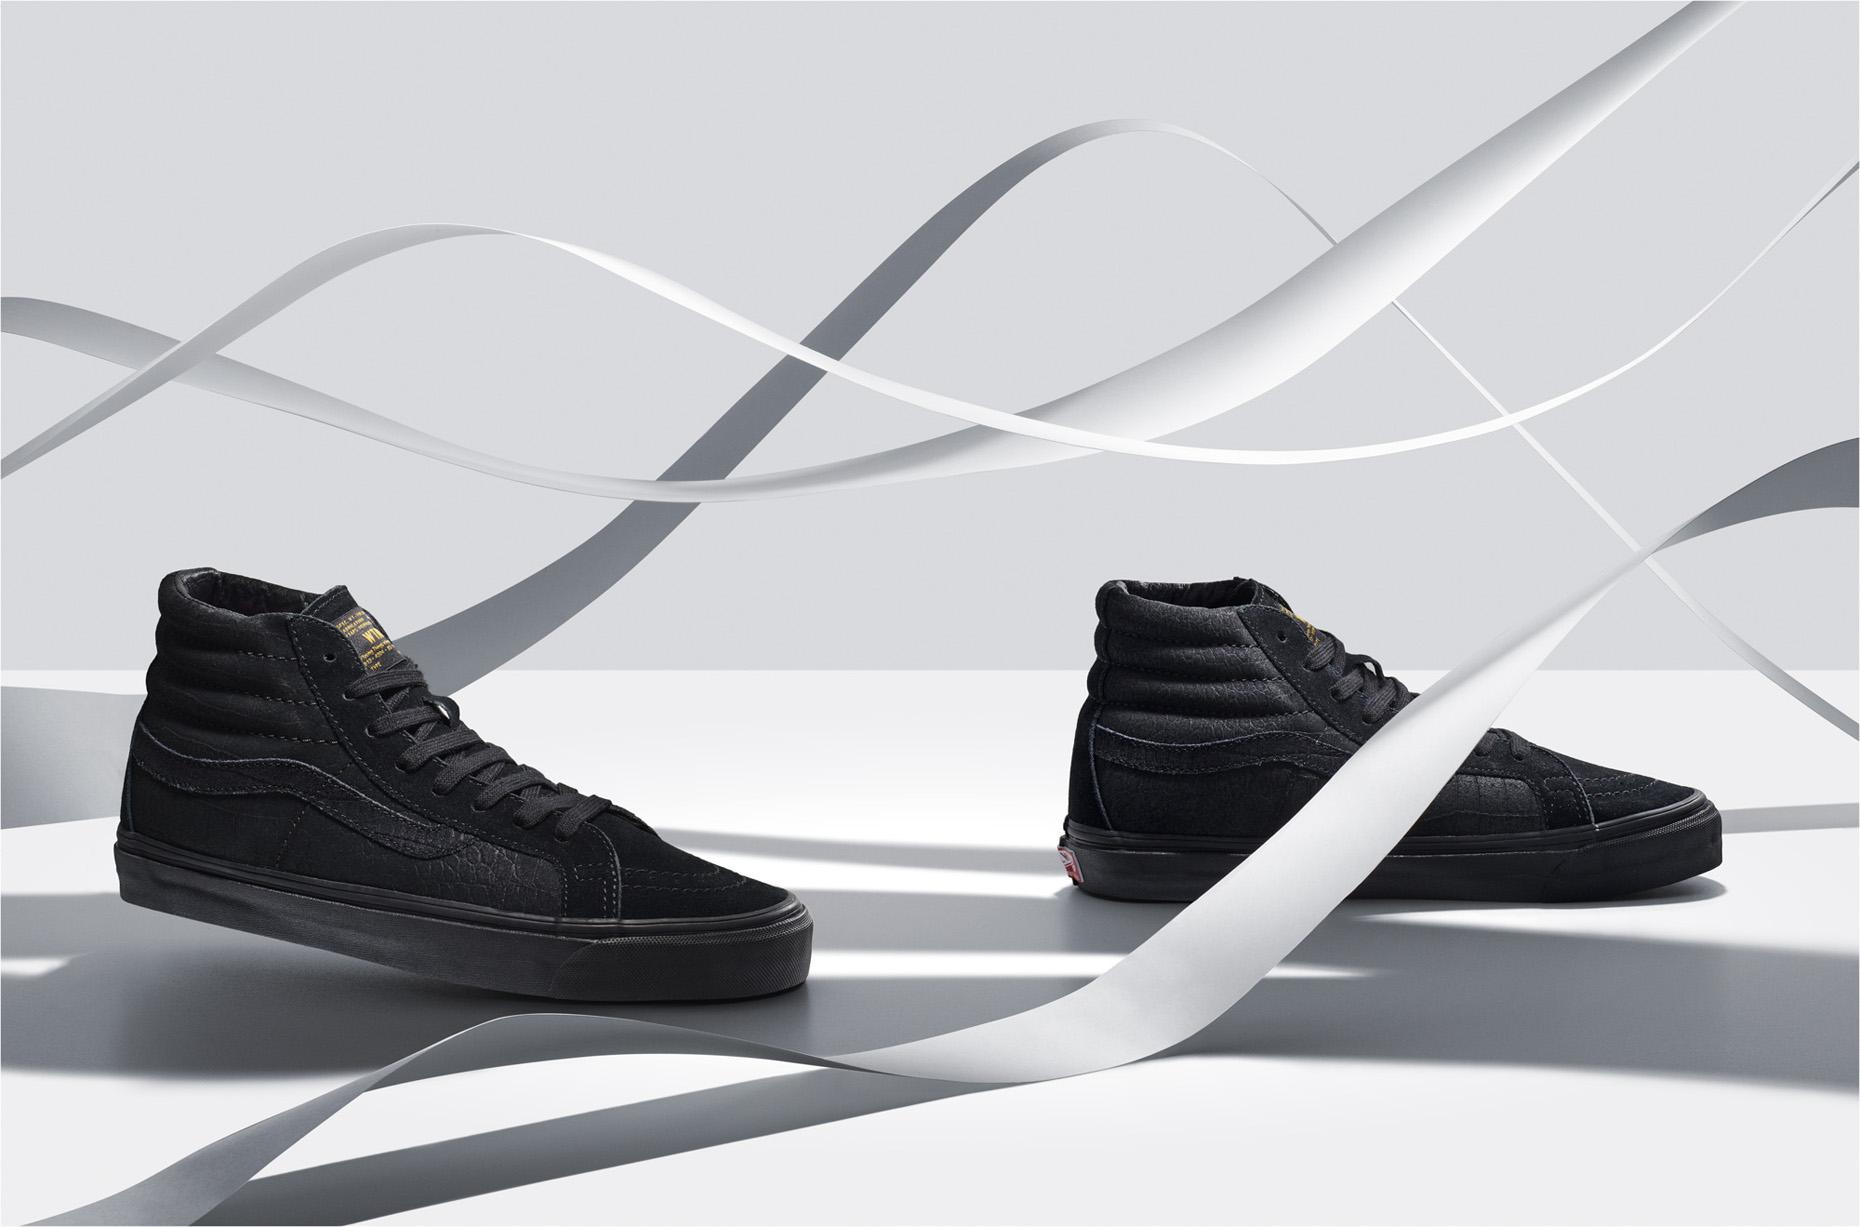 Hattie_Newman_sneakers3.jpg